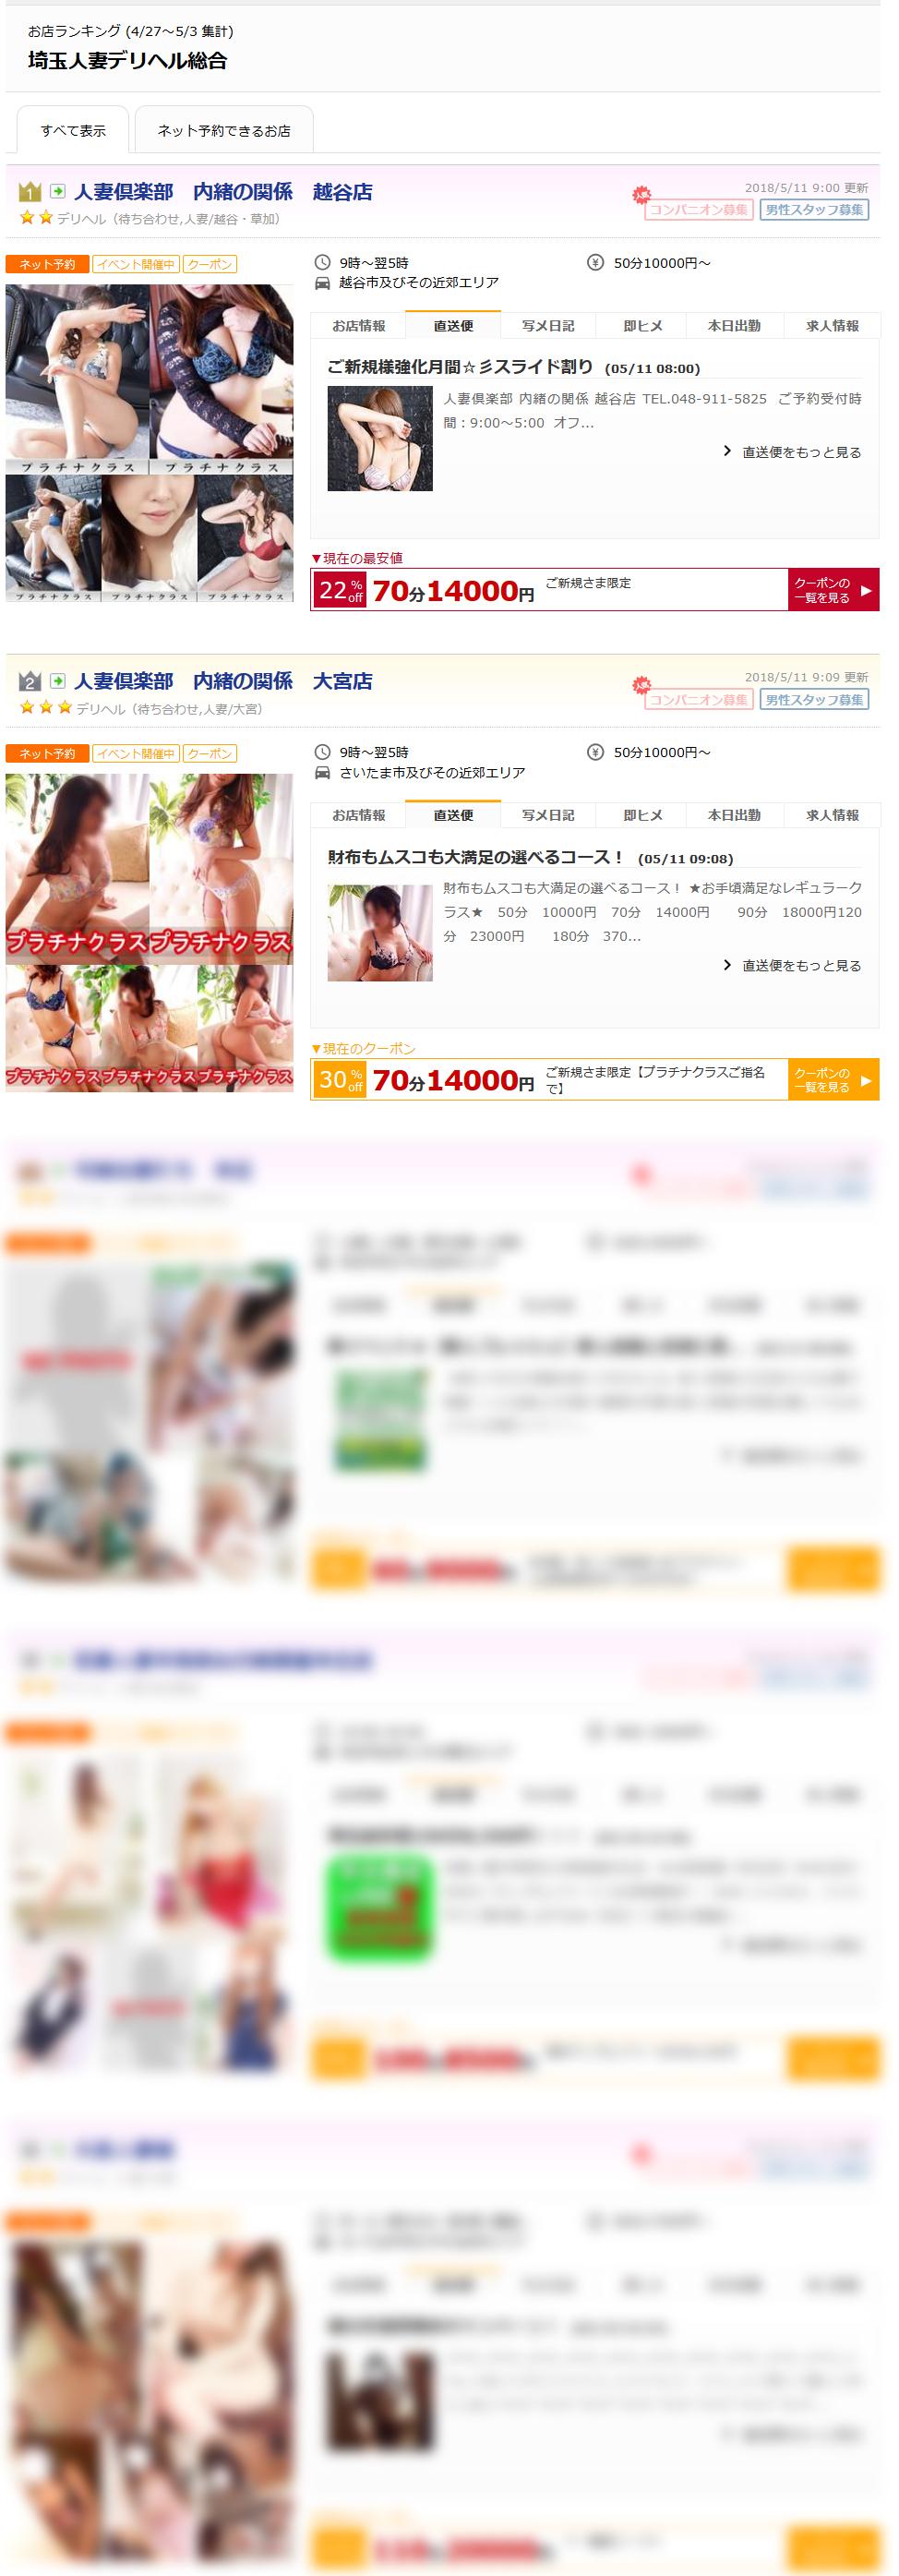 埼玉県人妻デリヘルお店ランキング2018-05-07